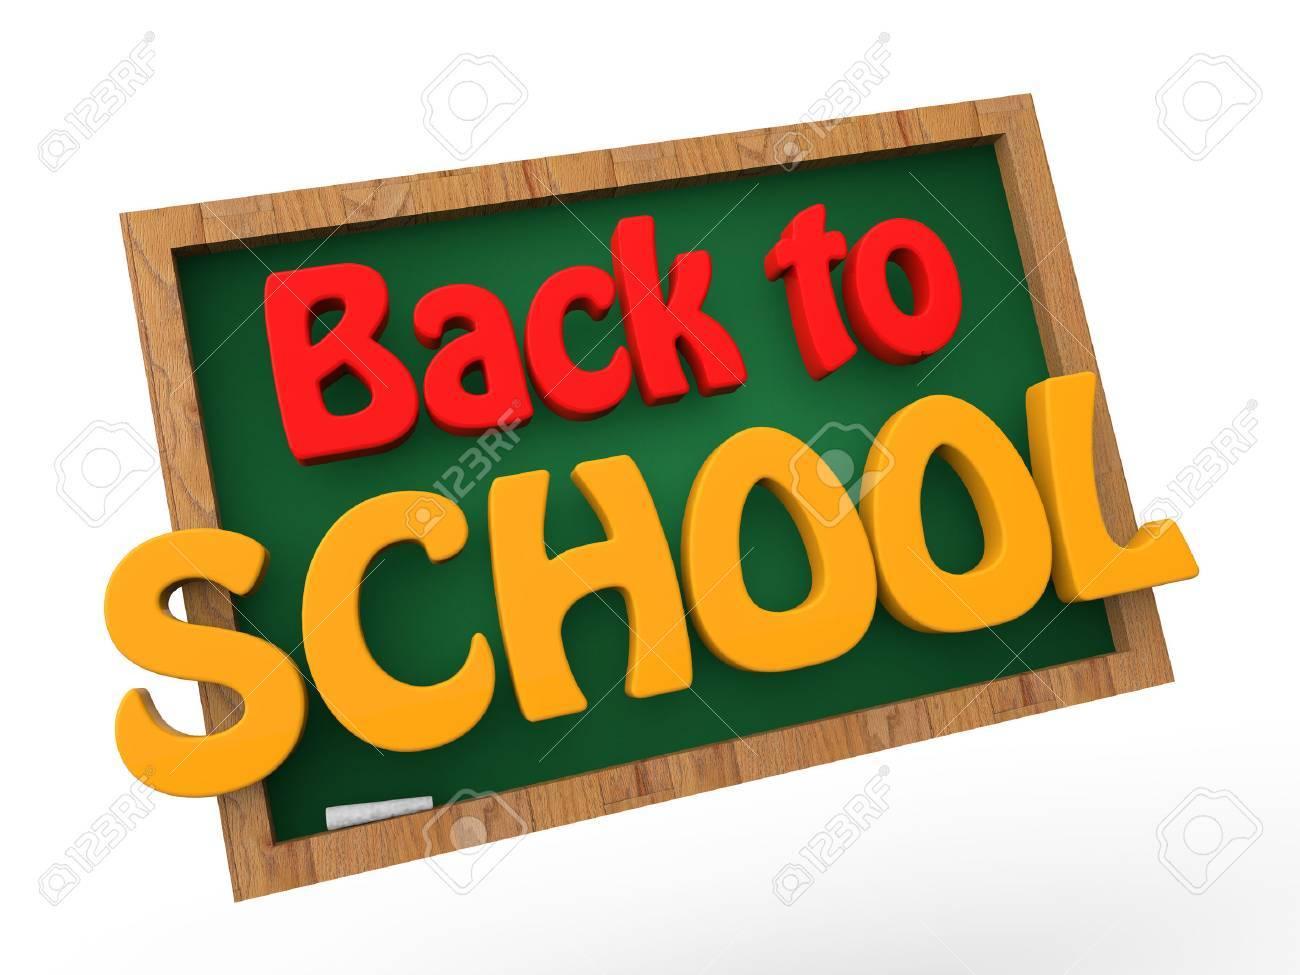 3d back to school green board - 44971967